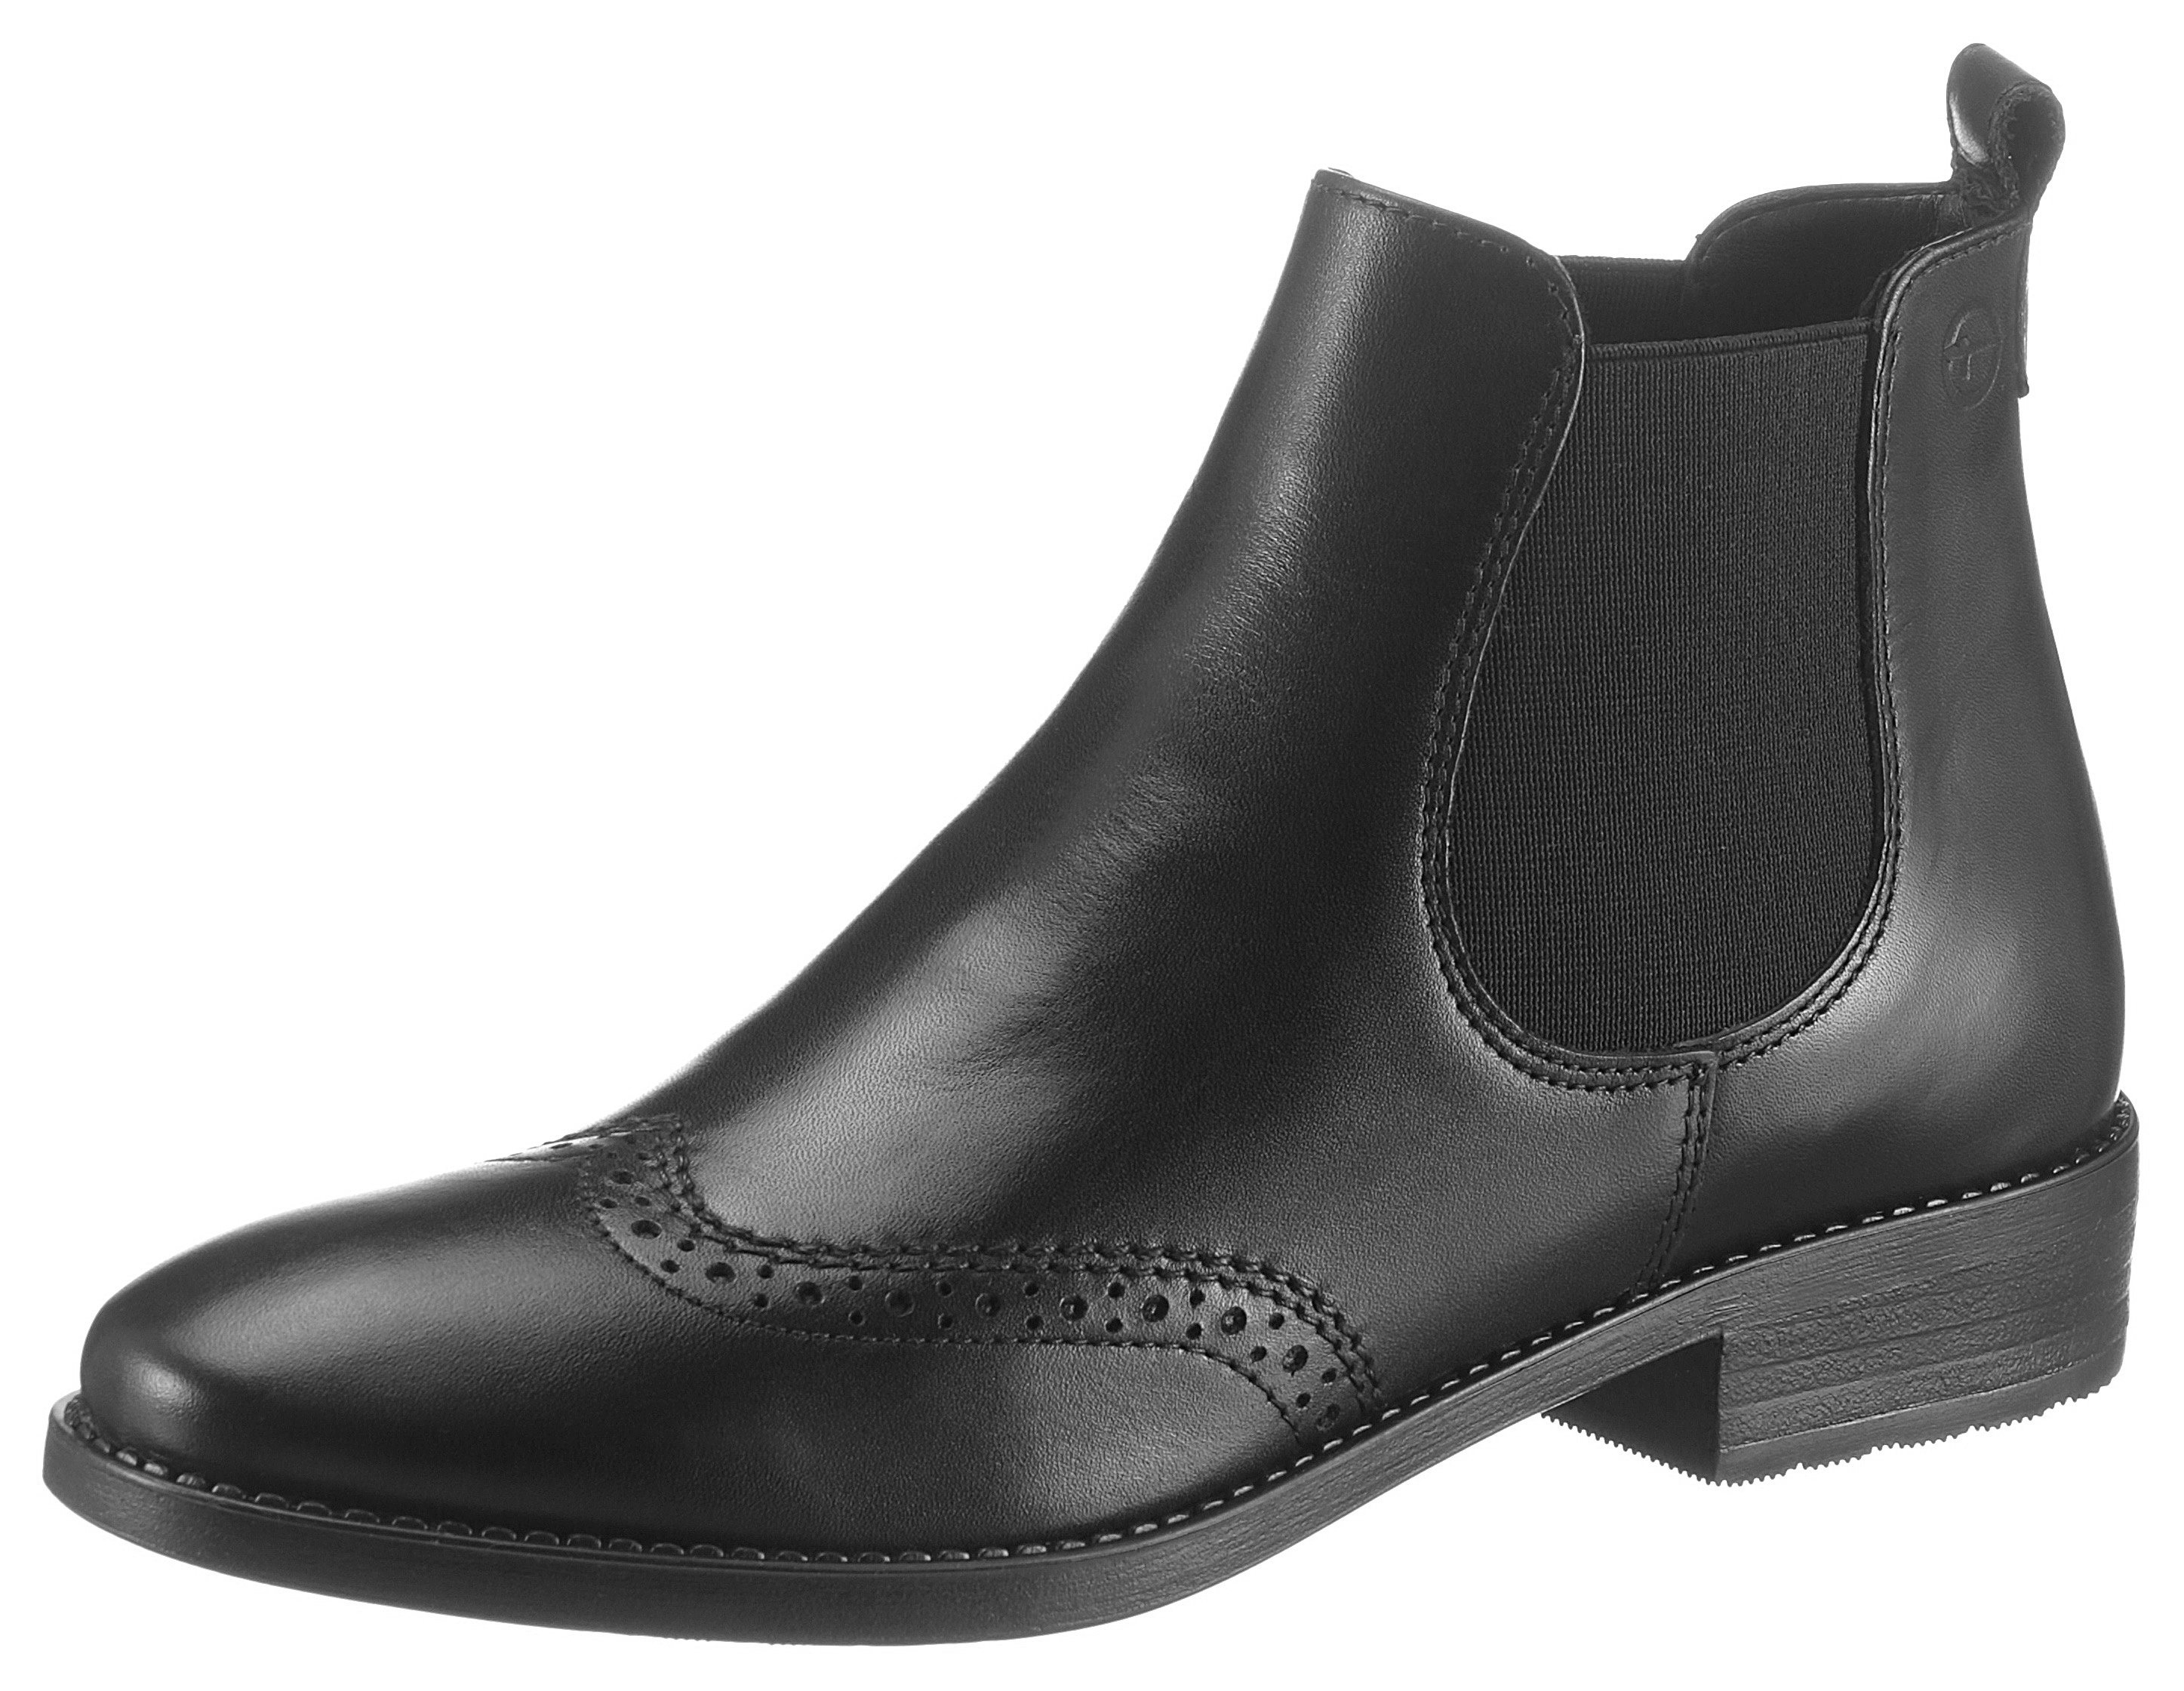 Tamaris Chelsea-boots in elegante look nu online bestellen